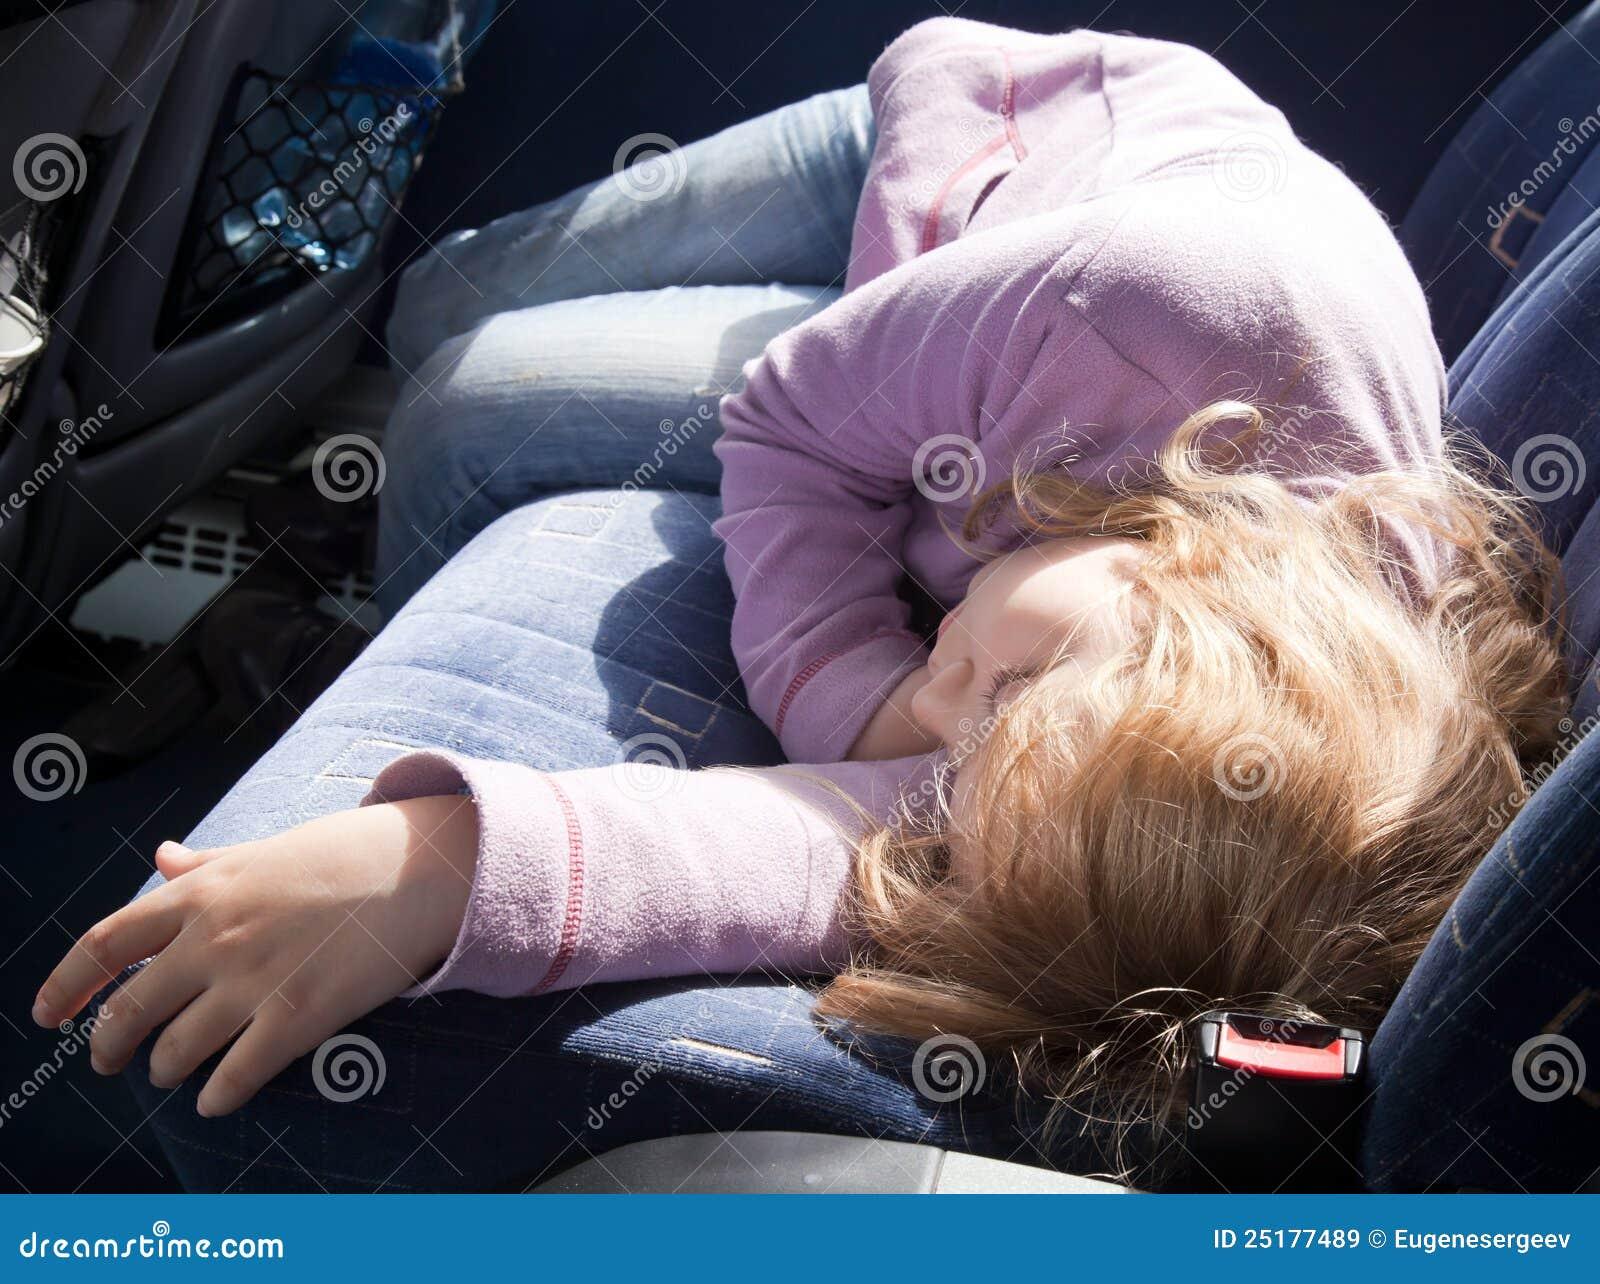 Спящие в маршрутке 8 фотография